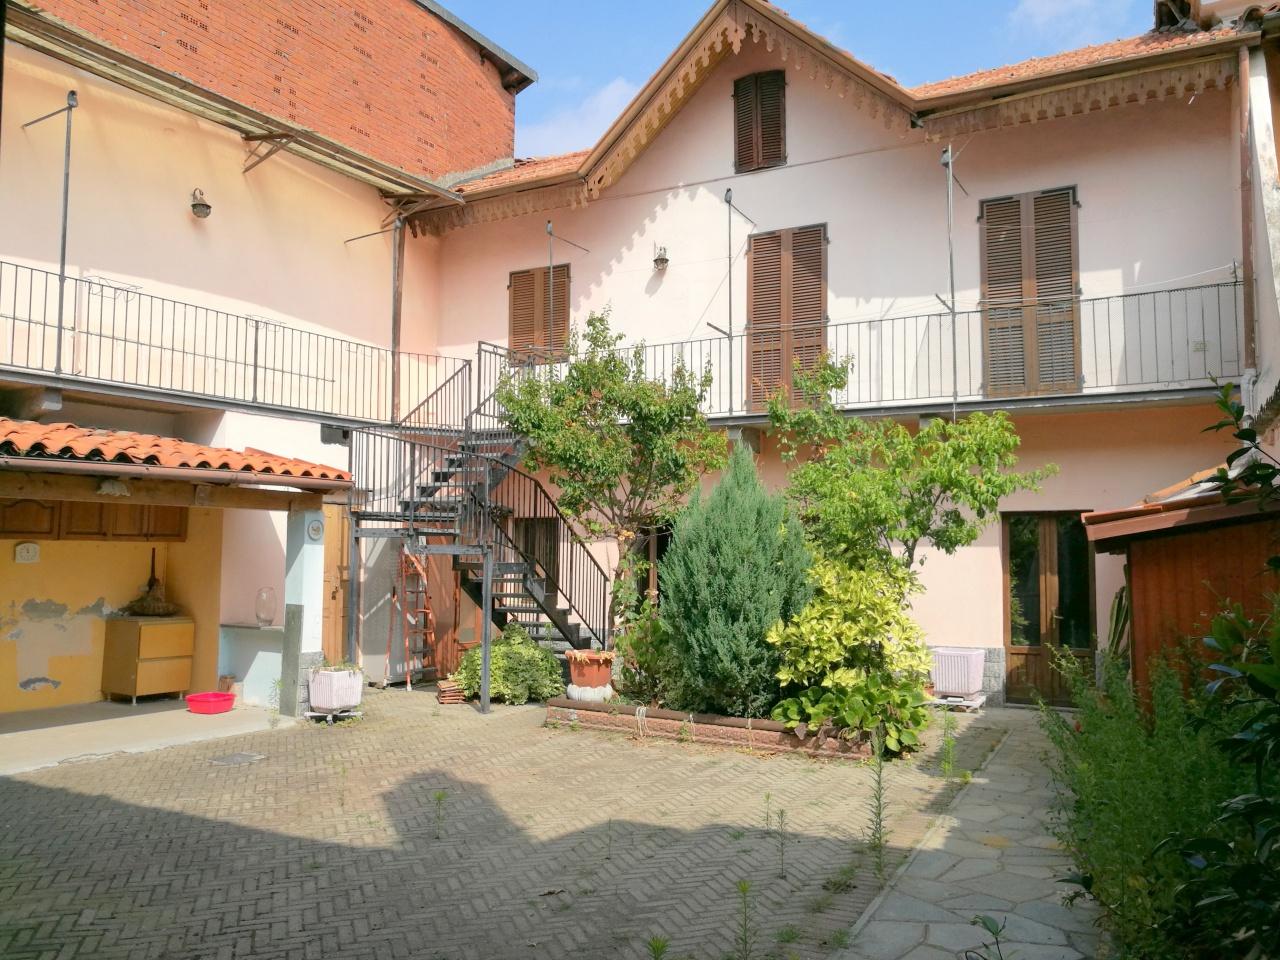 Soluzione Indipendente in vendita a Rondissone, 4 locali, prezzo € 59.000 | CambioCasa.it